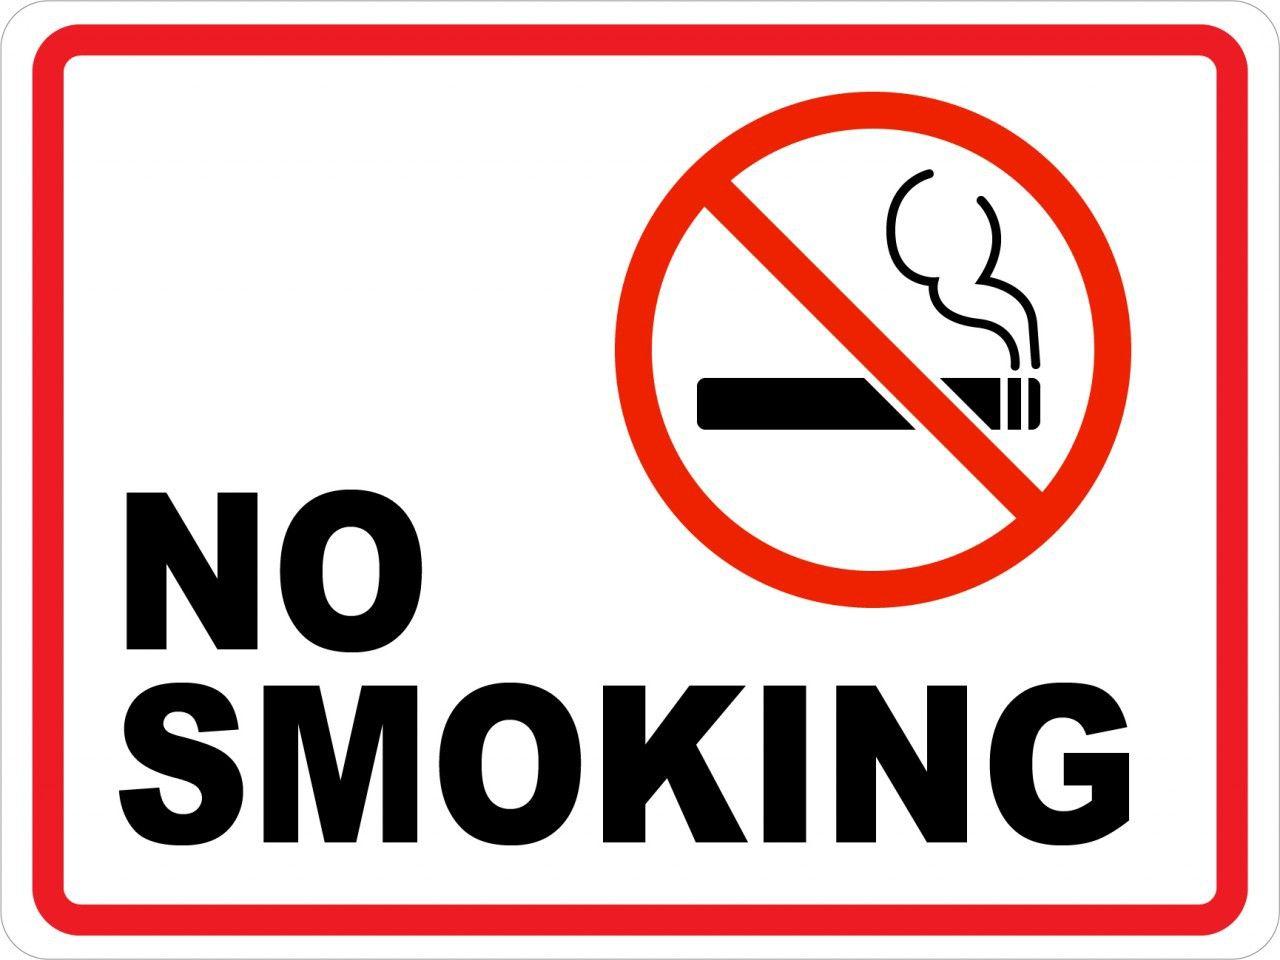 Dilarang Merokok Gambar Dari Kumpulan Gambar Dilarang Merokok Larangan Merokok Iklan Layanan Masyarakat Tata Surya